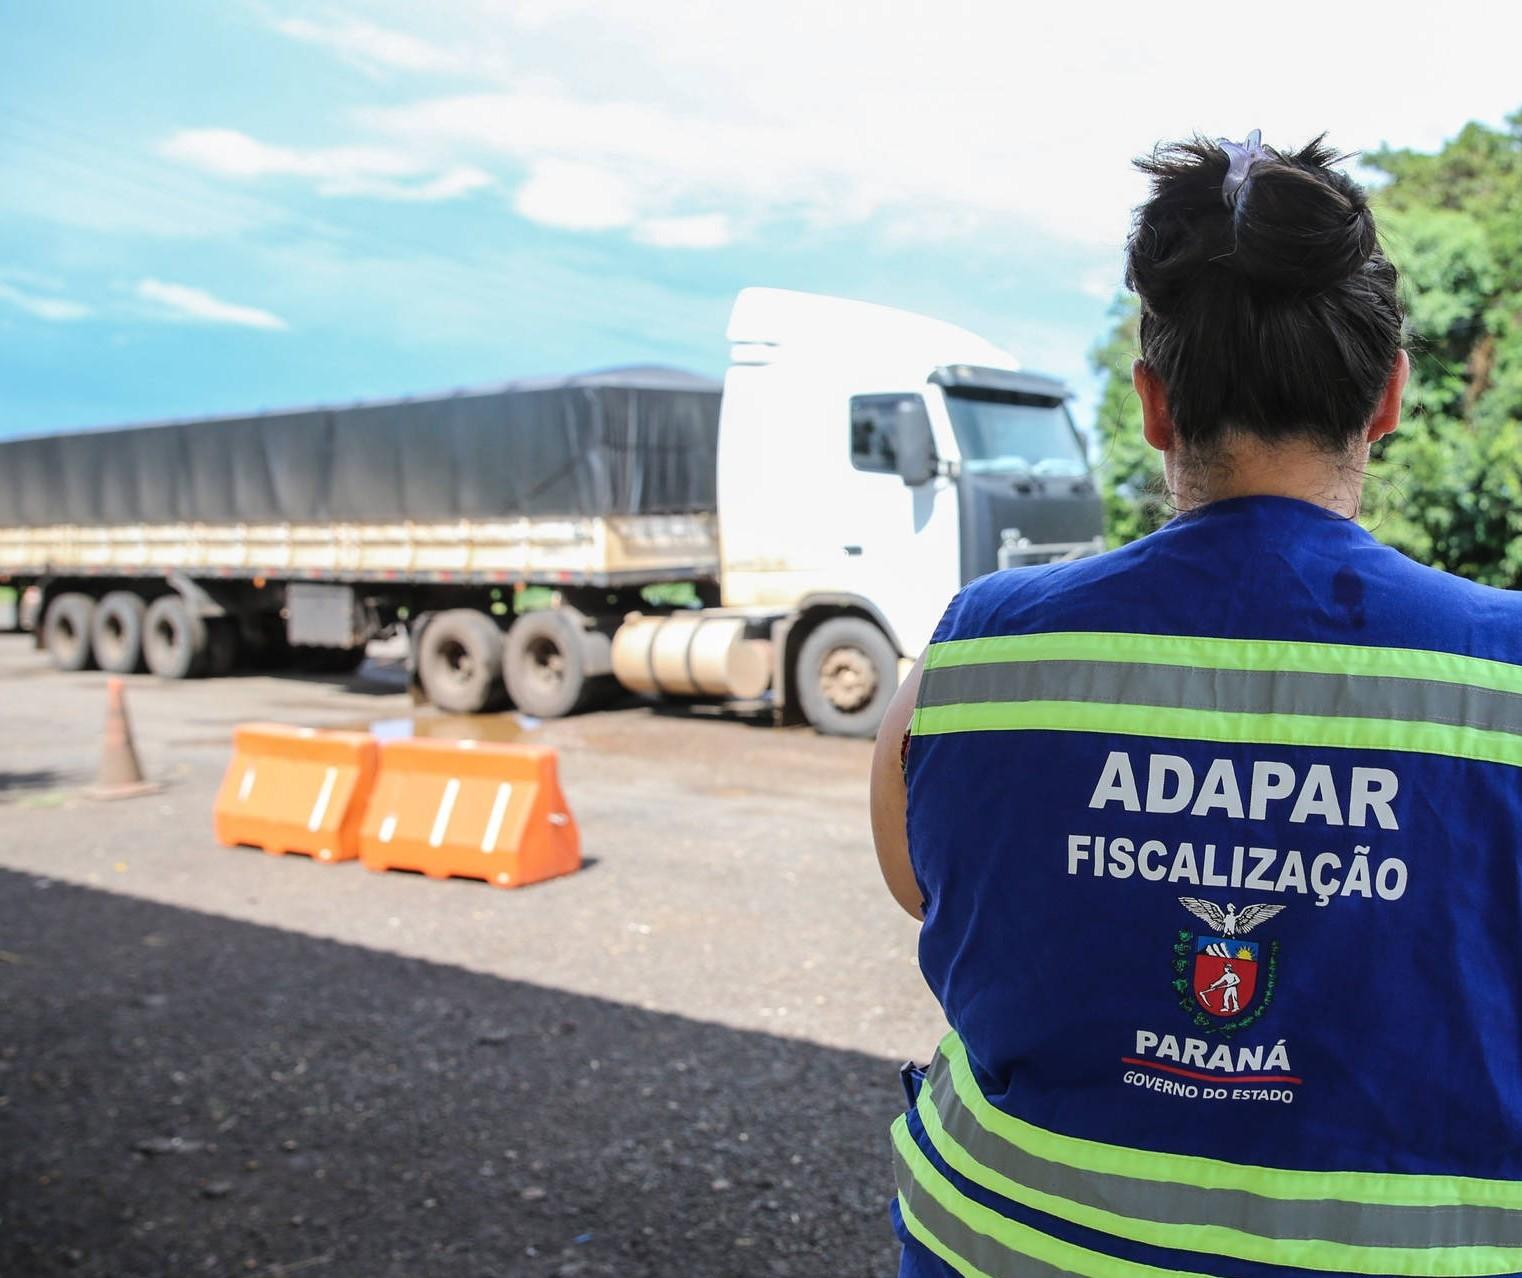 Governo do Paraná lança edital de concurso para reforçar defesa agropecuária